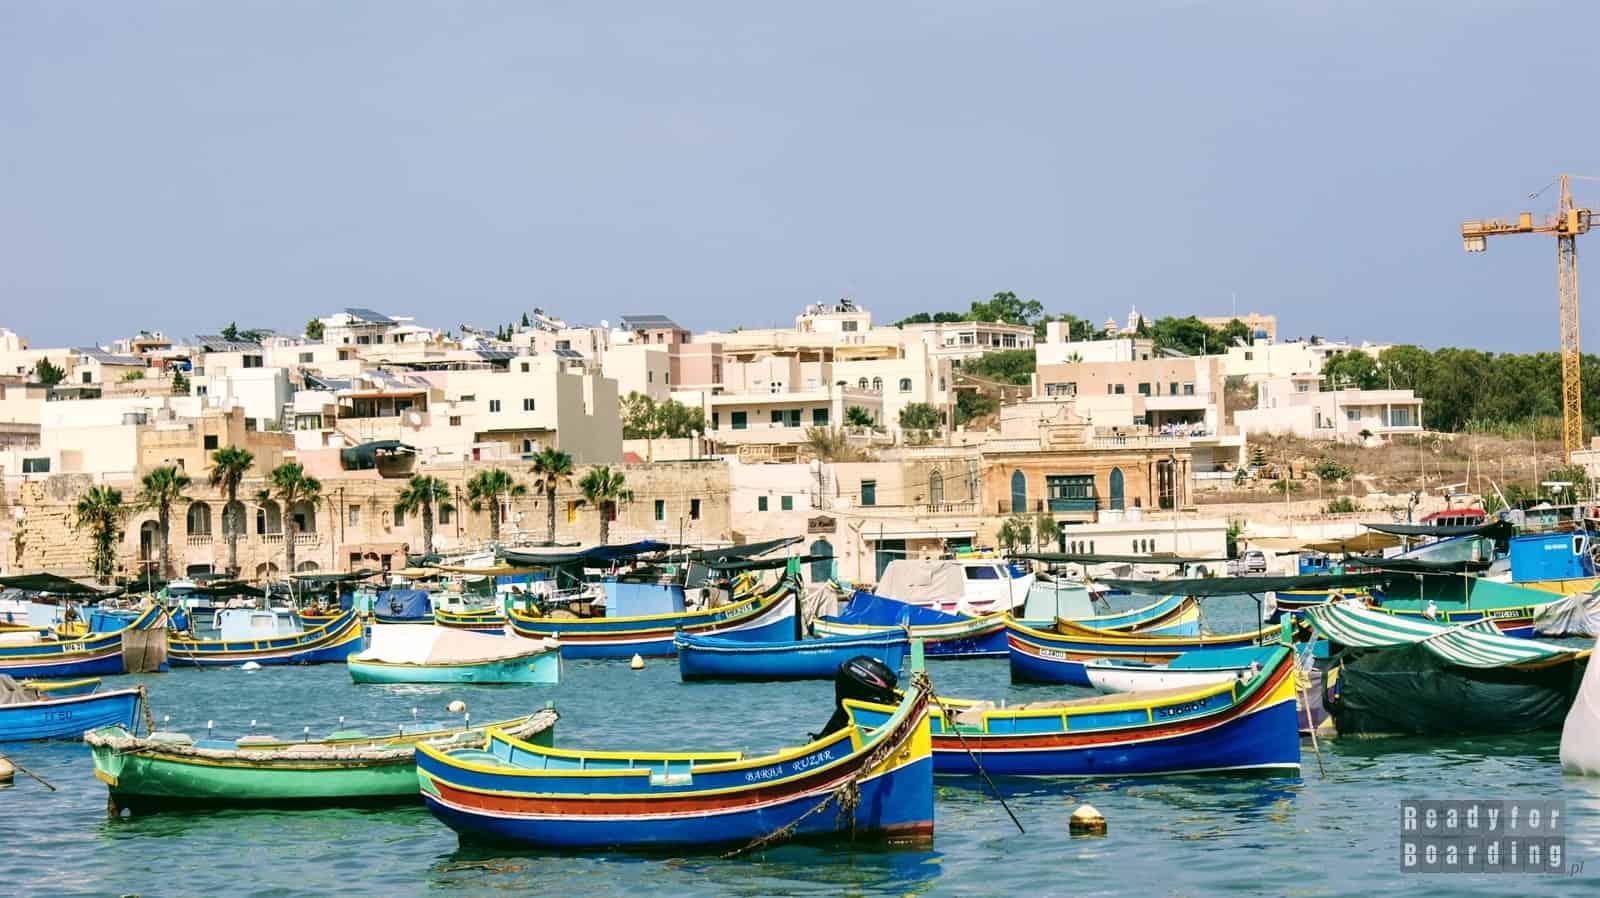 Malta - Marsaxlokk i Pretty Bay (galeria zdjęć)